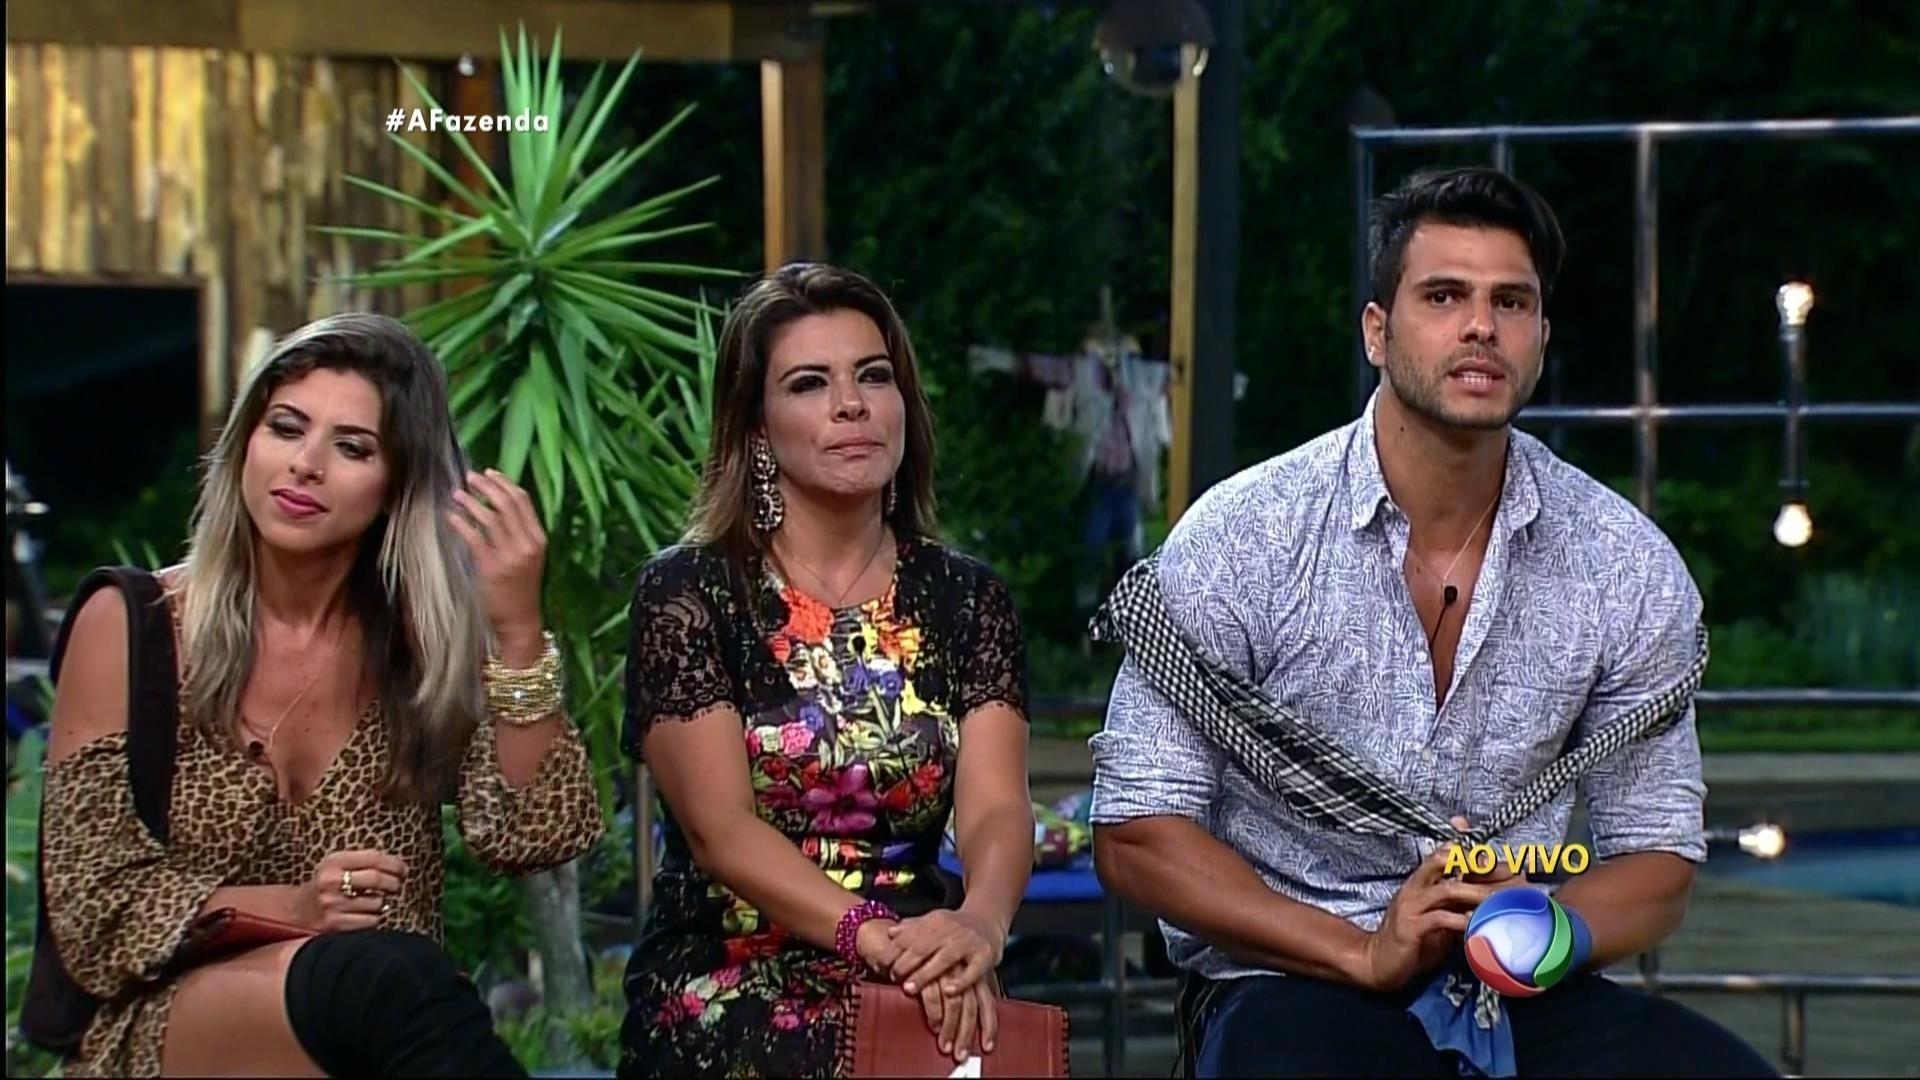 24.nov.2015 - Mara Maravilha escolheu Marcelo Bimbi para completar o trio na roça: